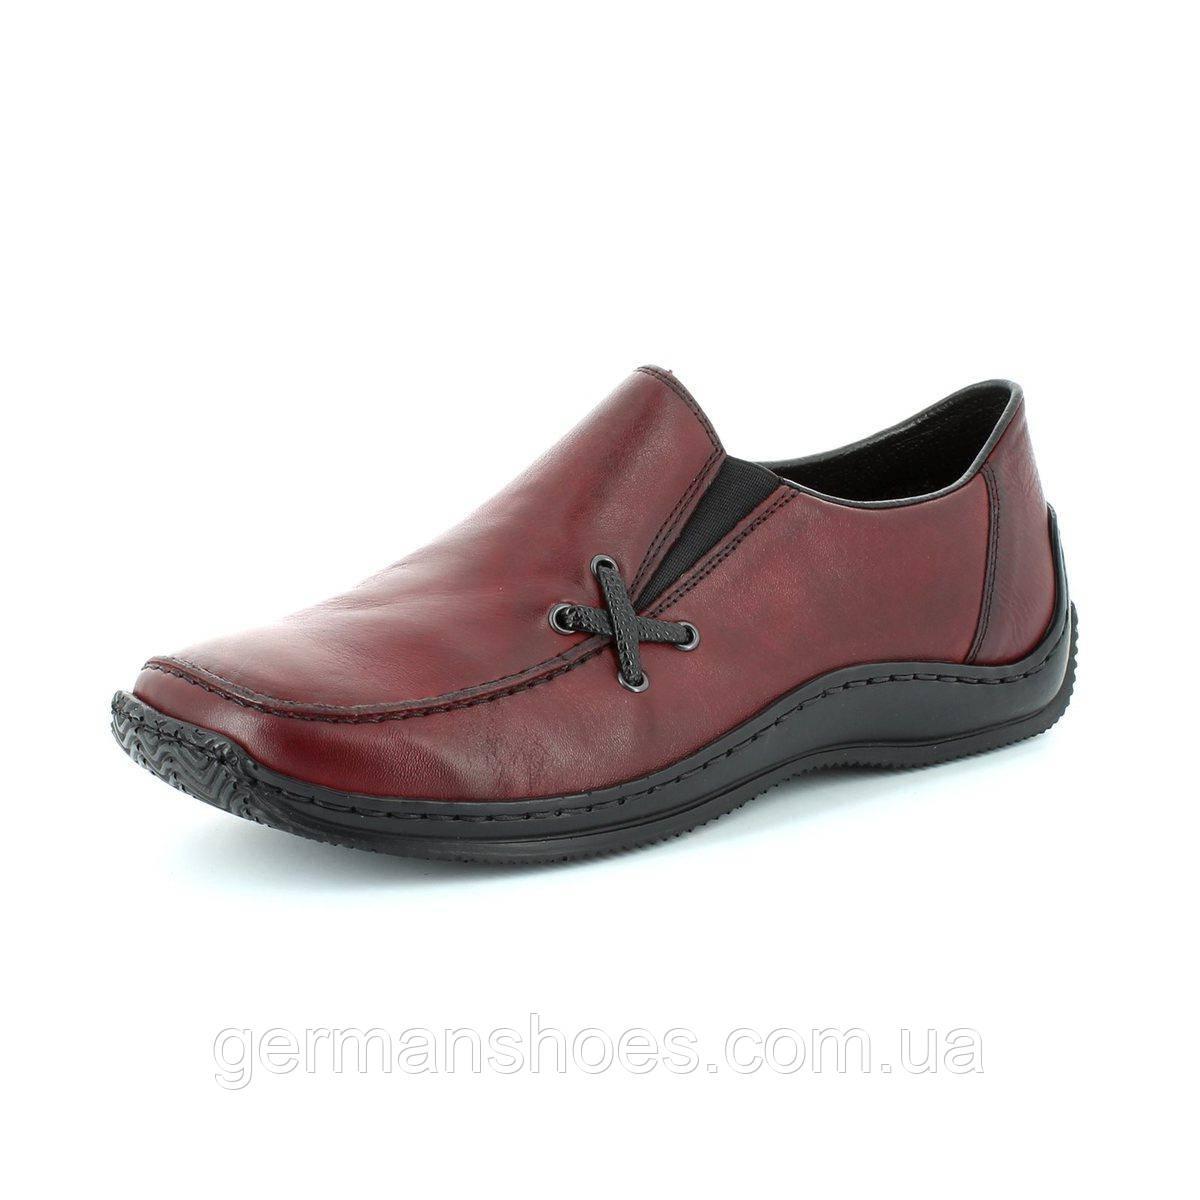 Туфли женские Rieker L1783-36